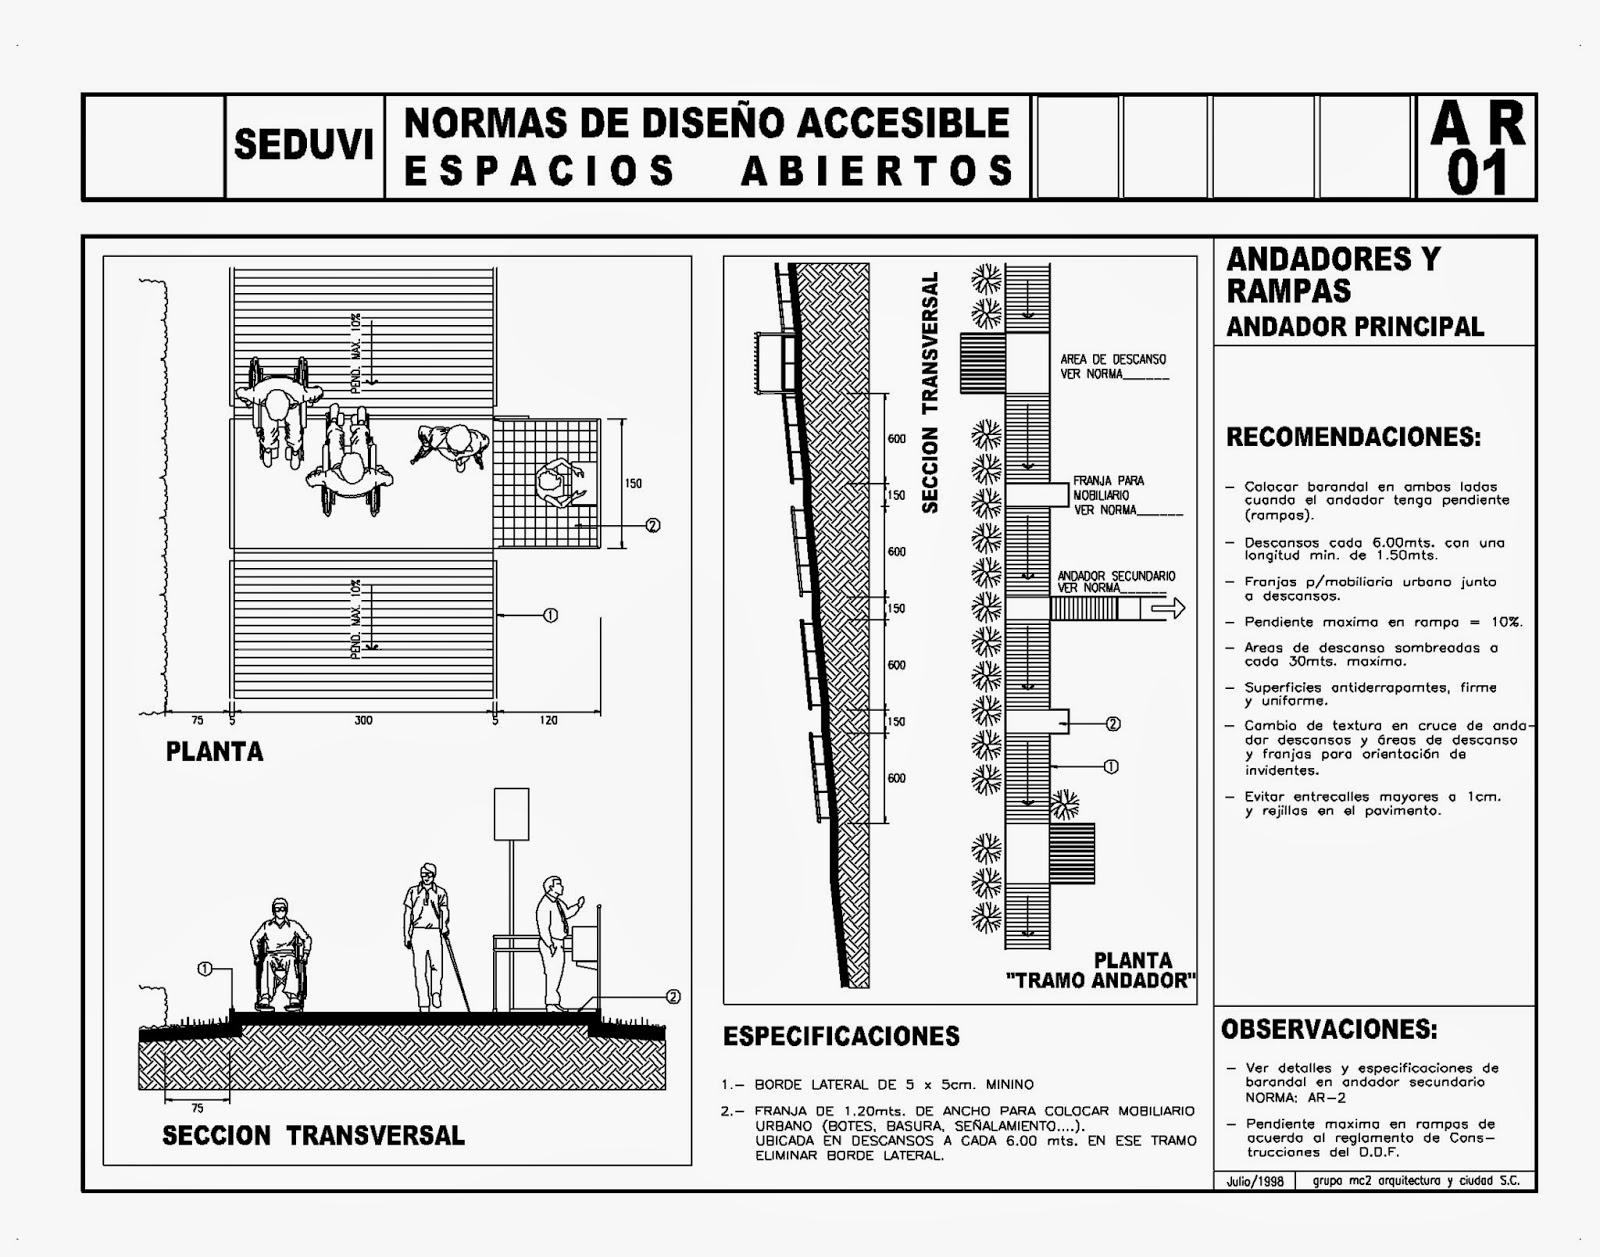 Diseno Baño Discapacitados:Todo para el Arqui: Normas diseño discapacitados (1) SEDUVI – Autocad